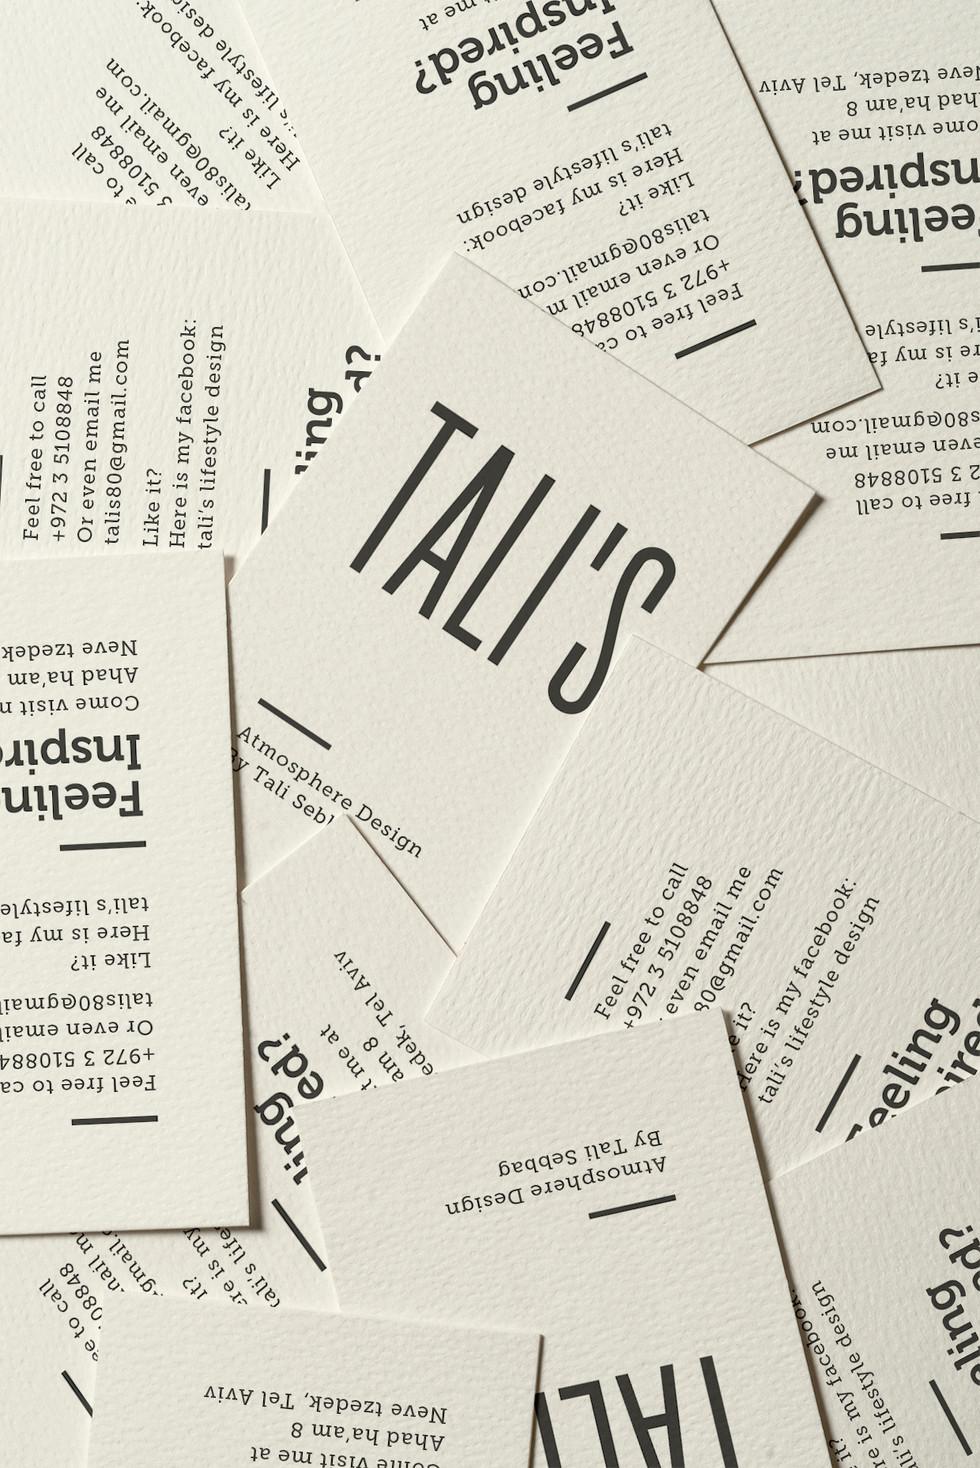 Talis_BCard_1.jpg